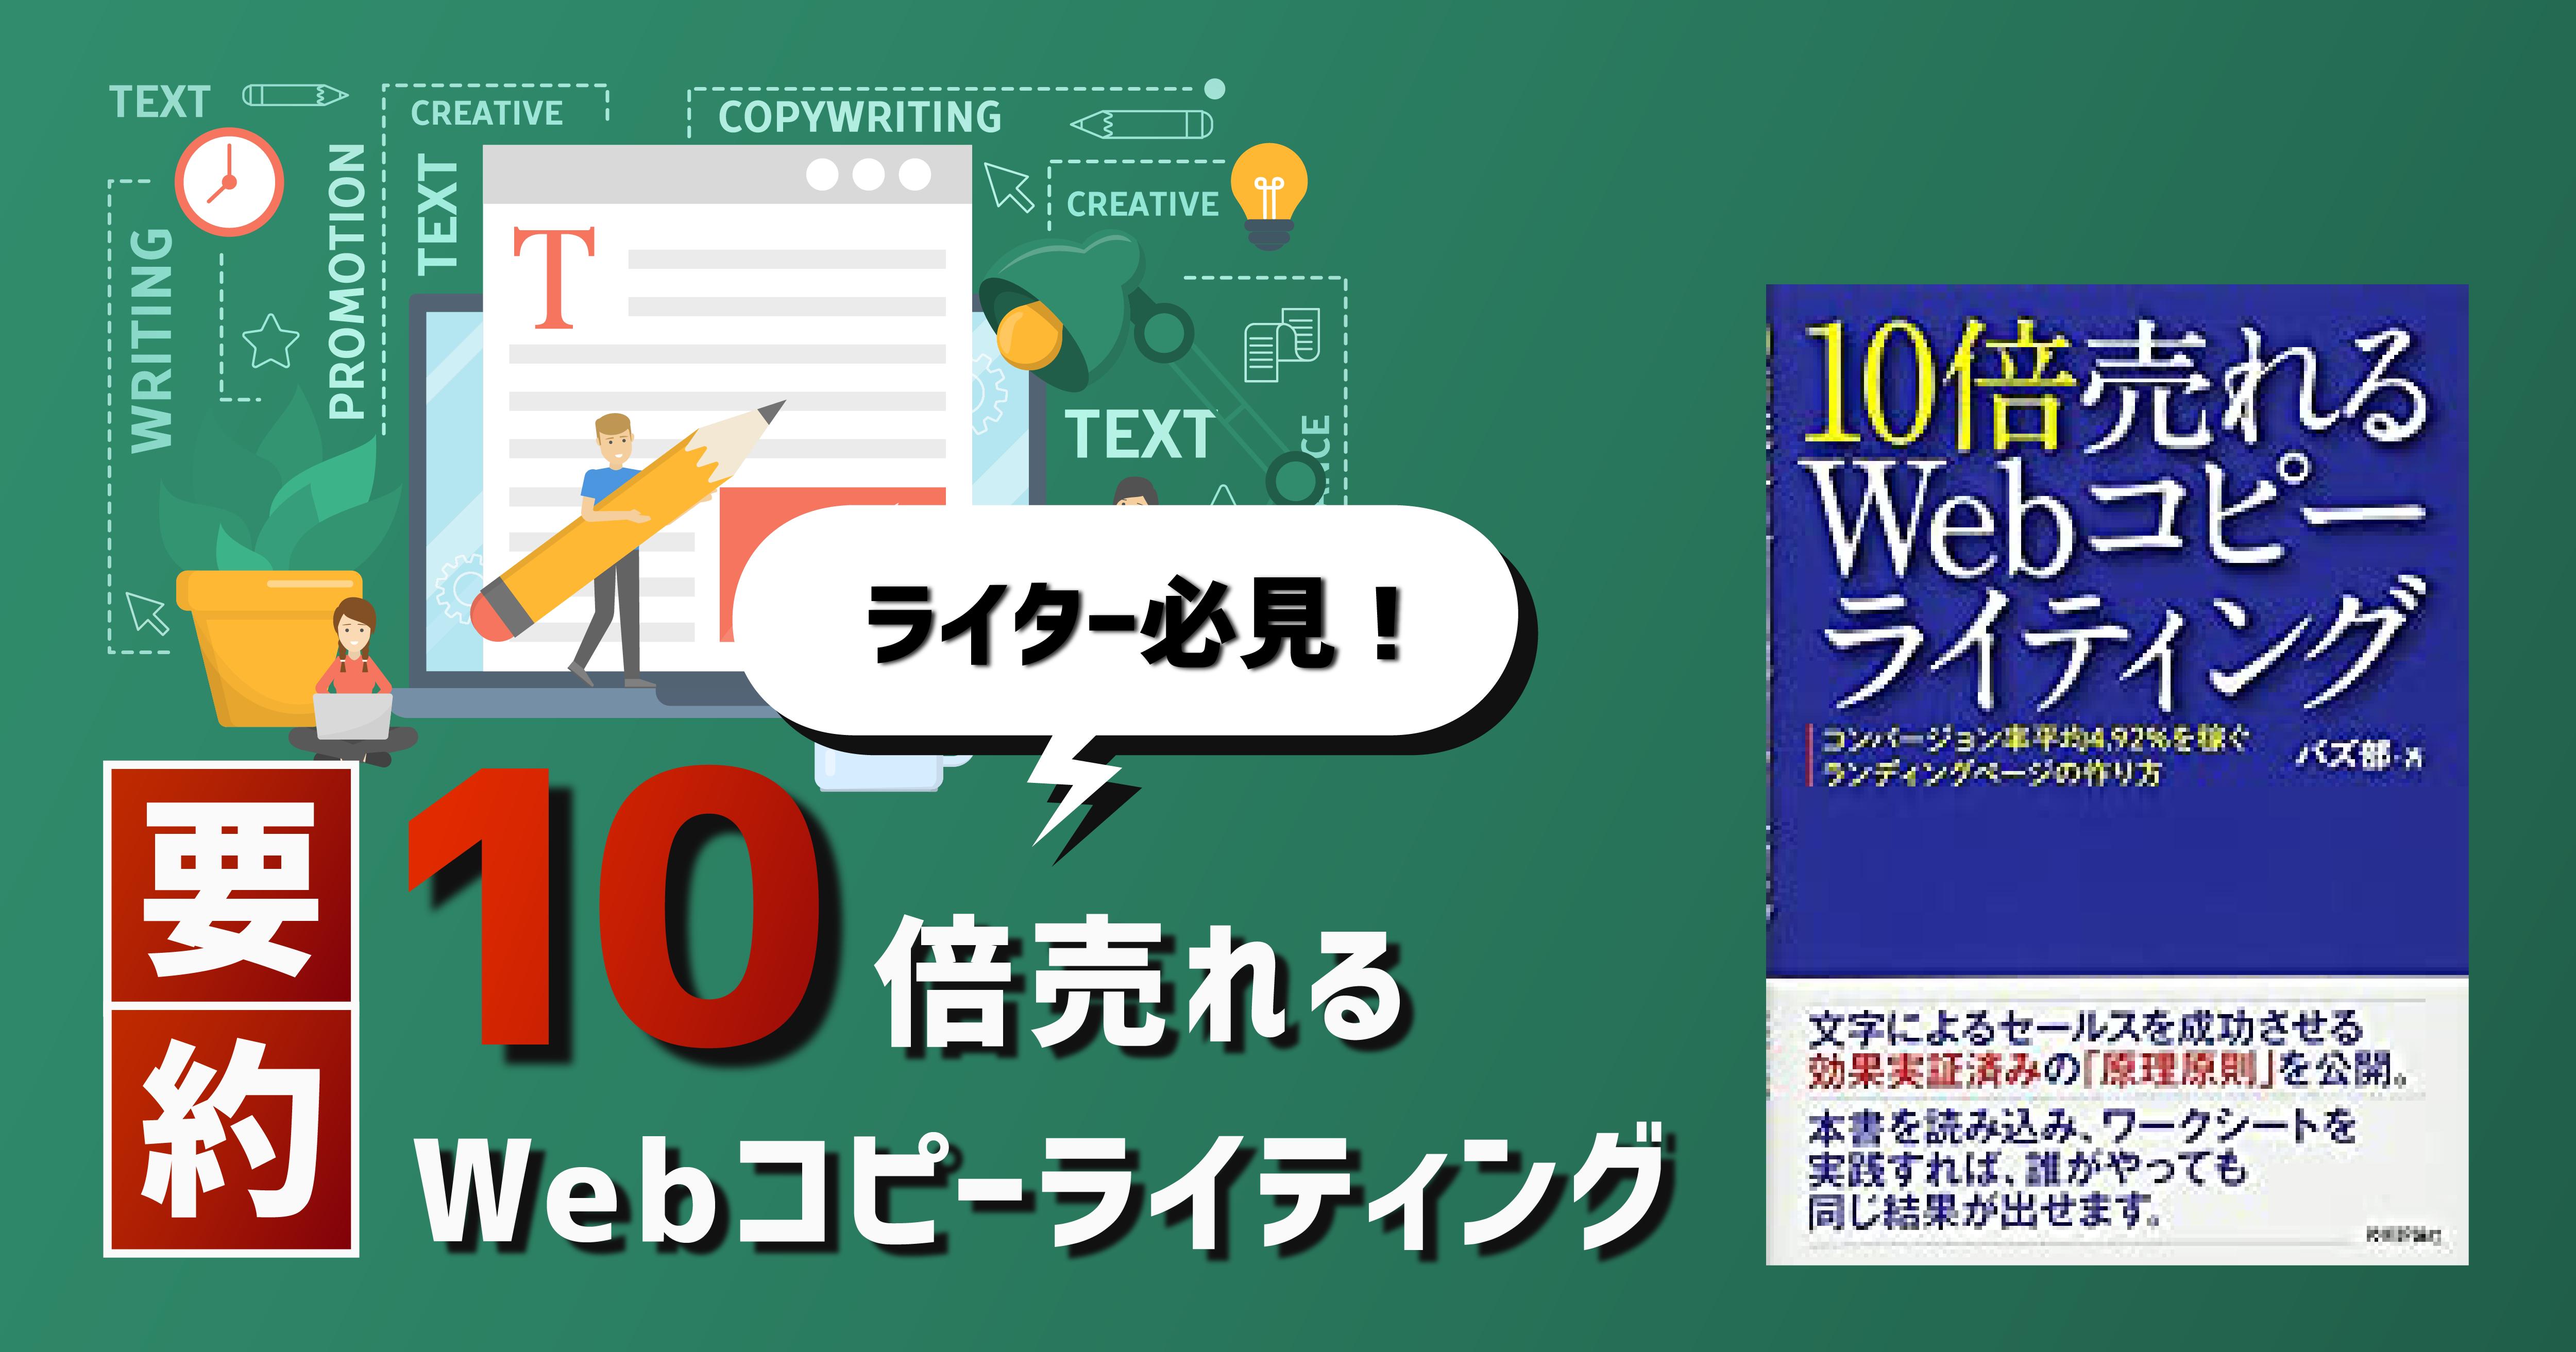 ライター必見!10倍売れるWebコピーライティング【要約】